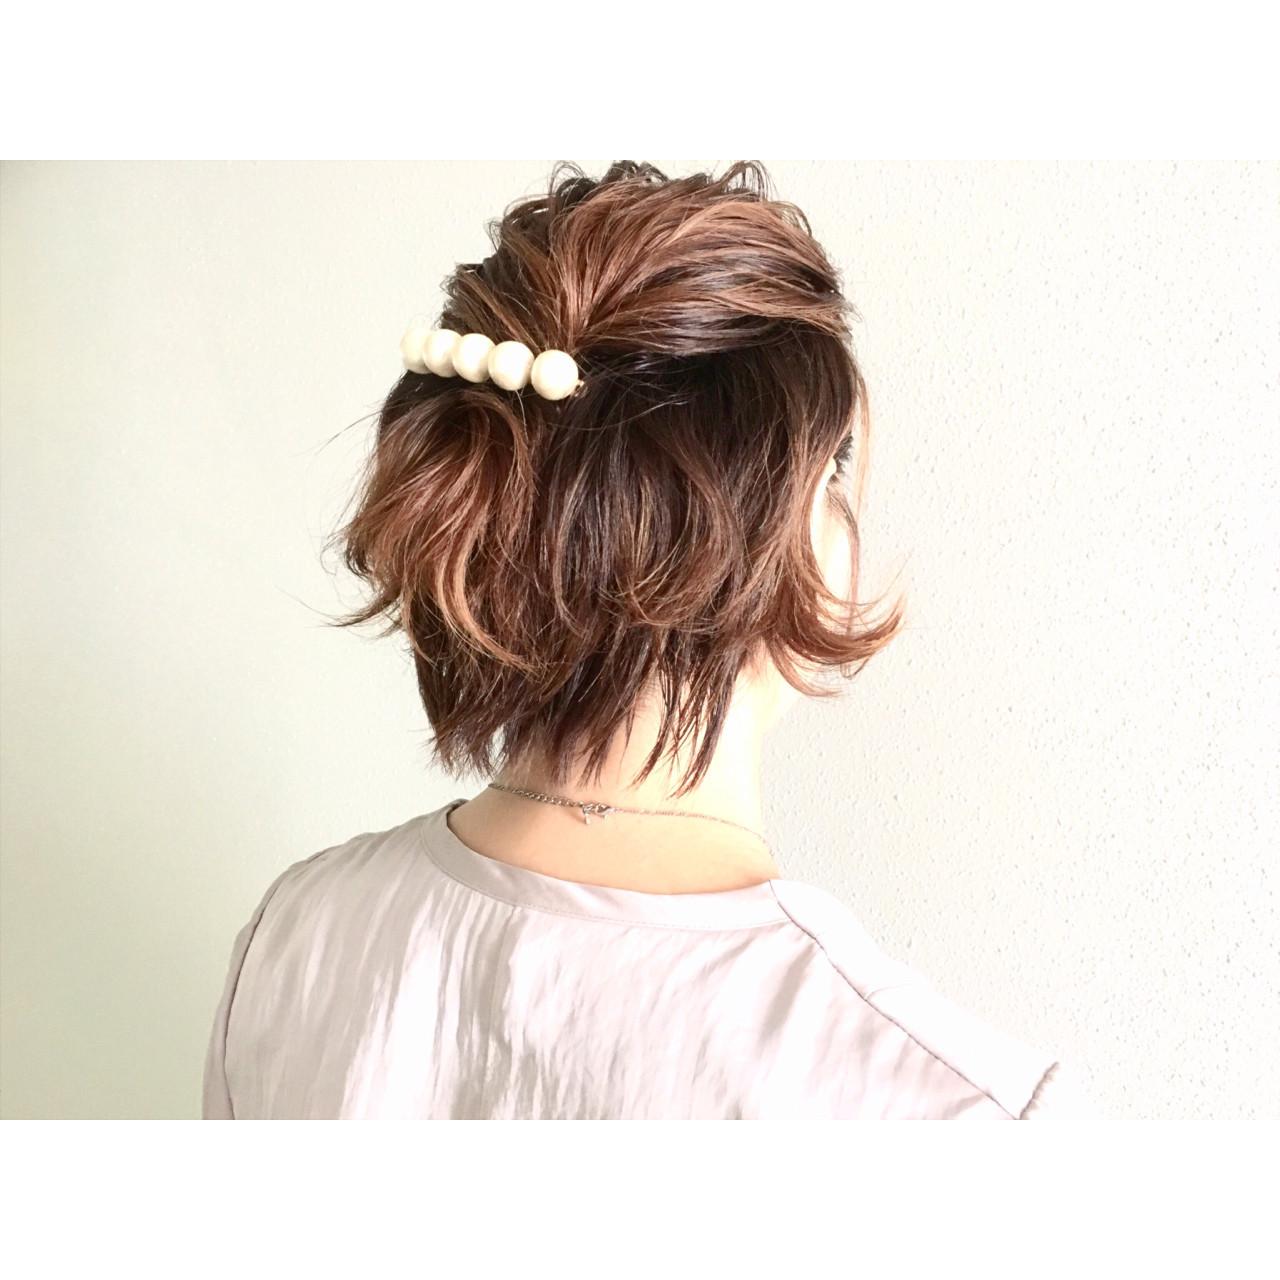 セルフで簡単!結婚式にしていきたい髪型アレンジを徹底解説 廣長 毅